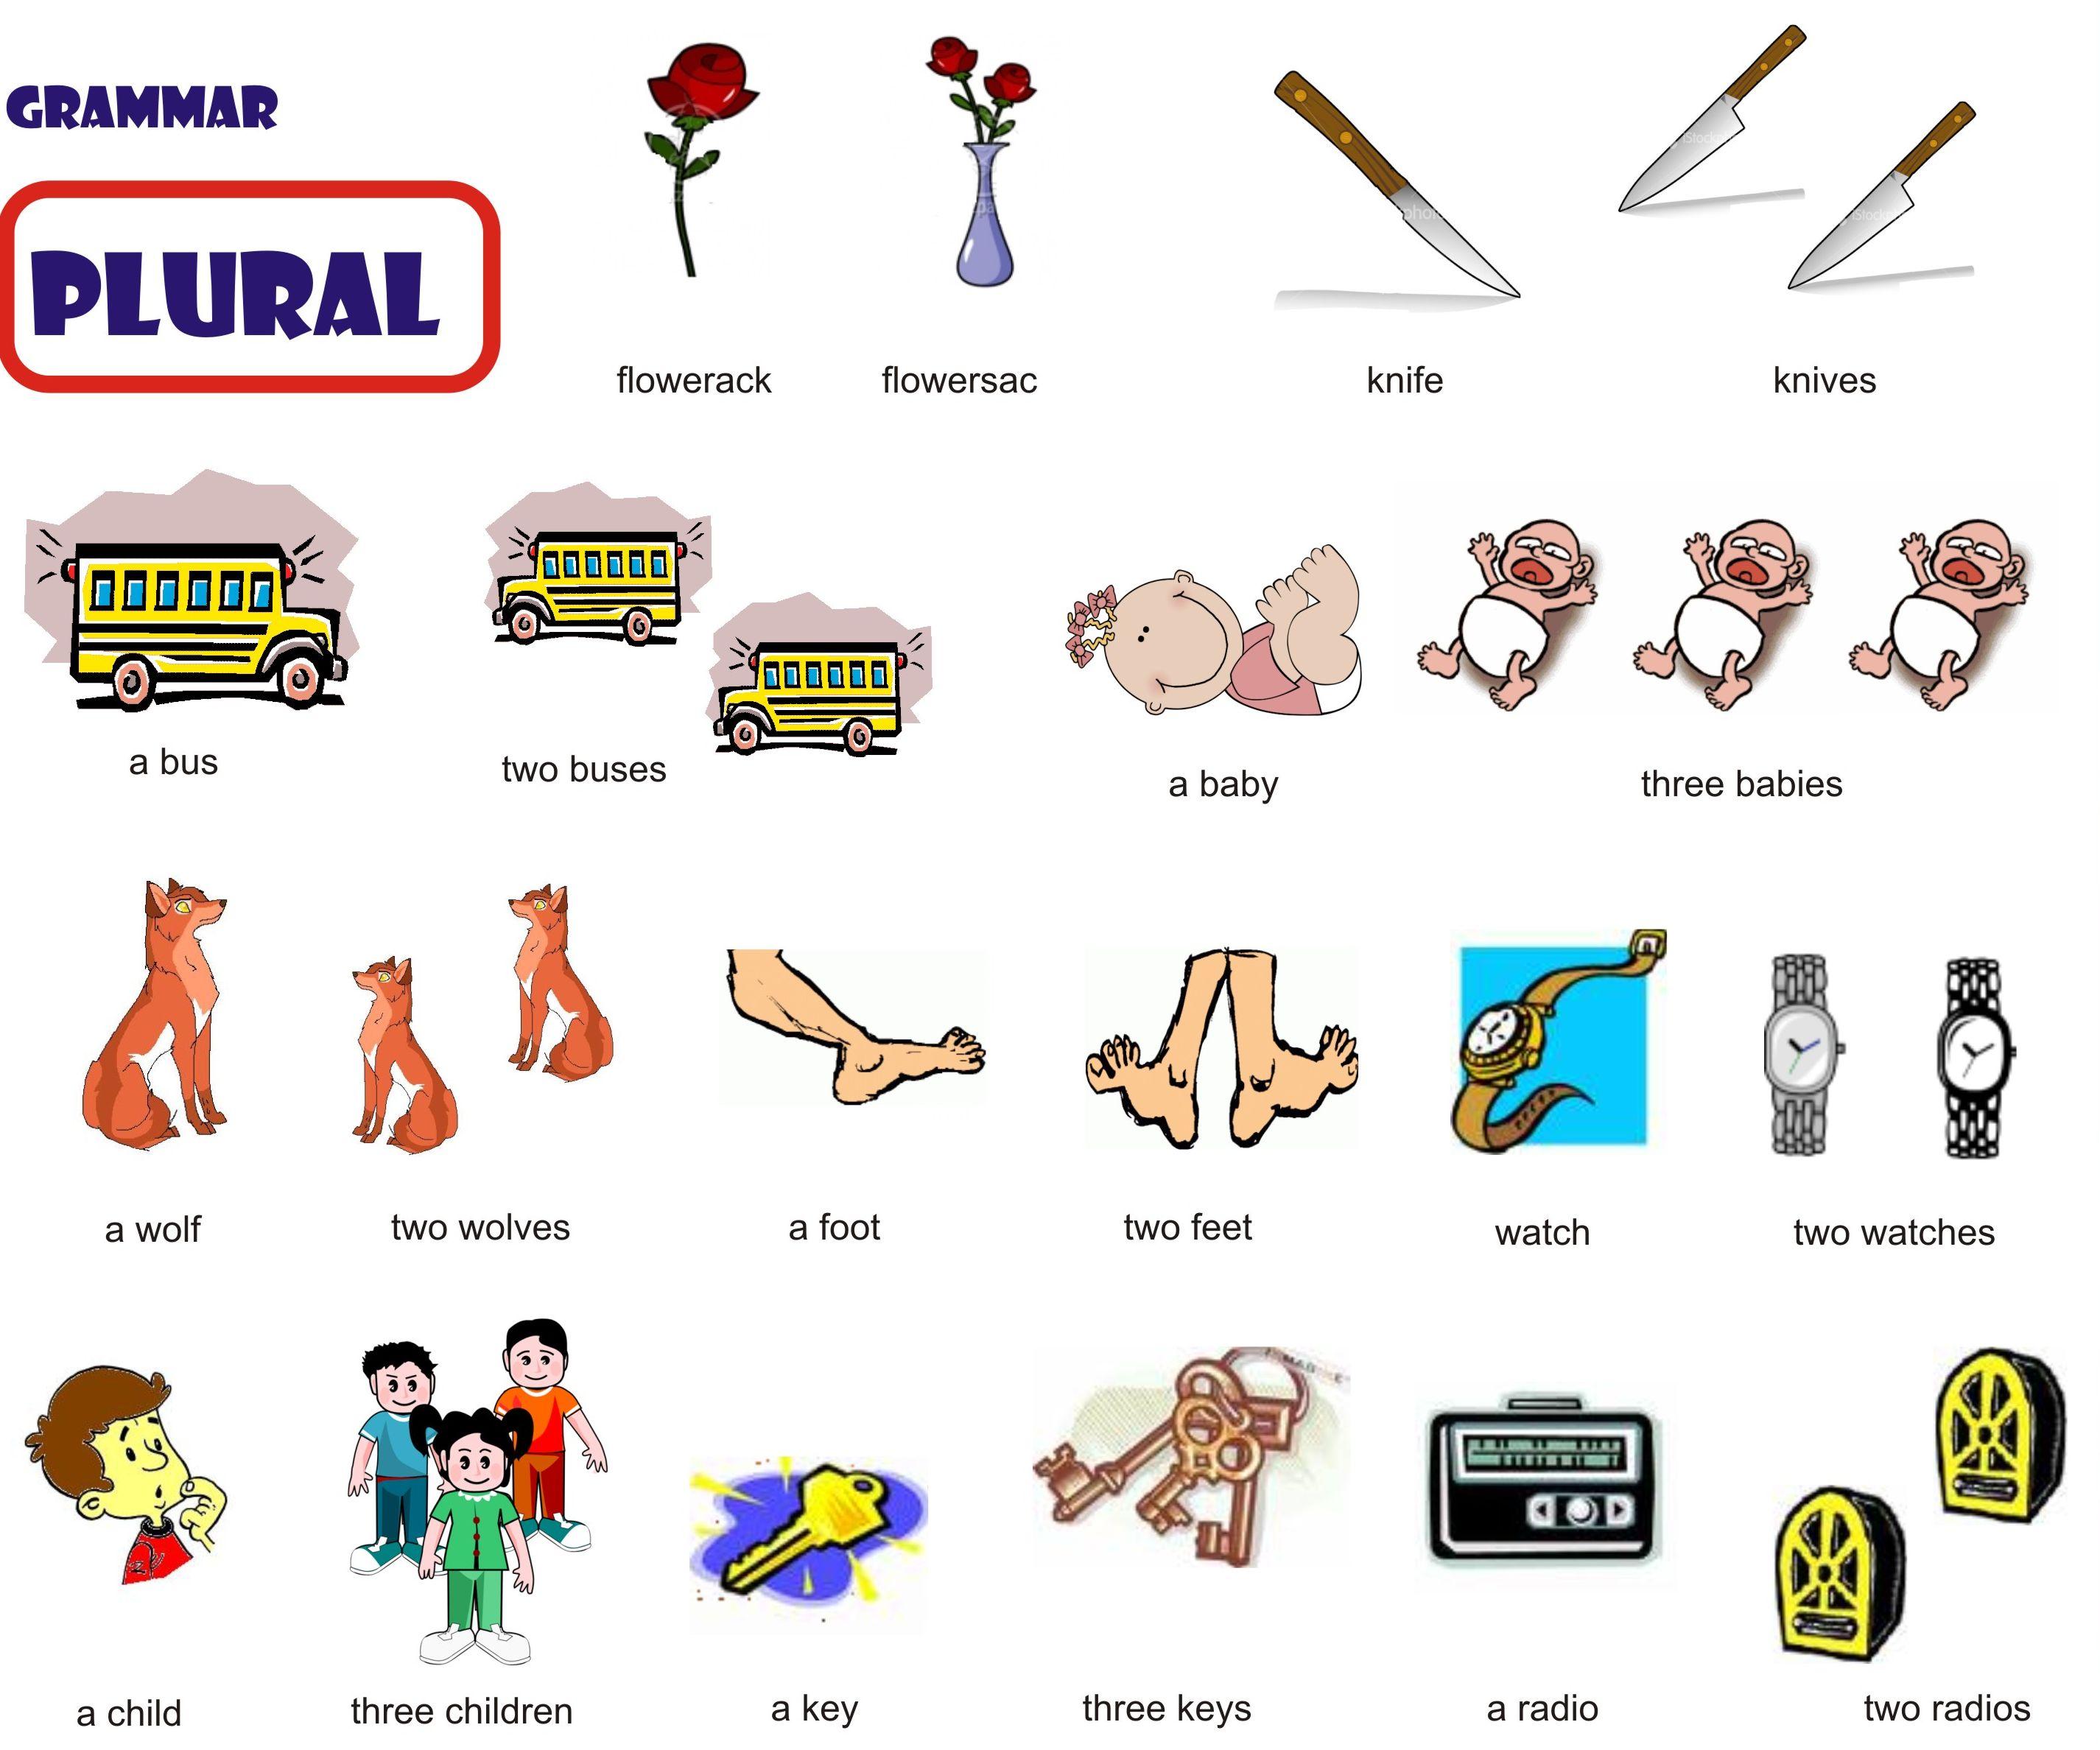 home images unit 2 noun plurals unit 2 noun plurals facebook twitter ...